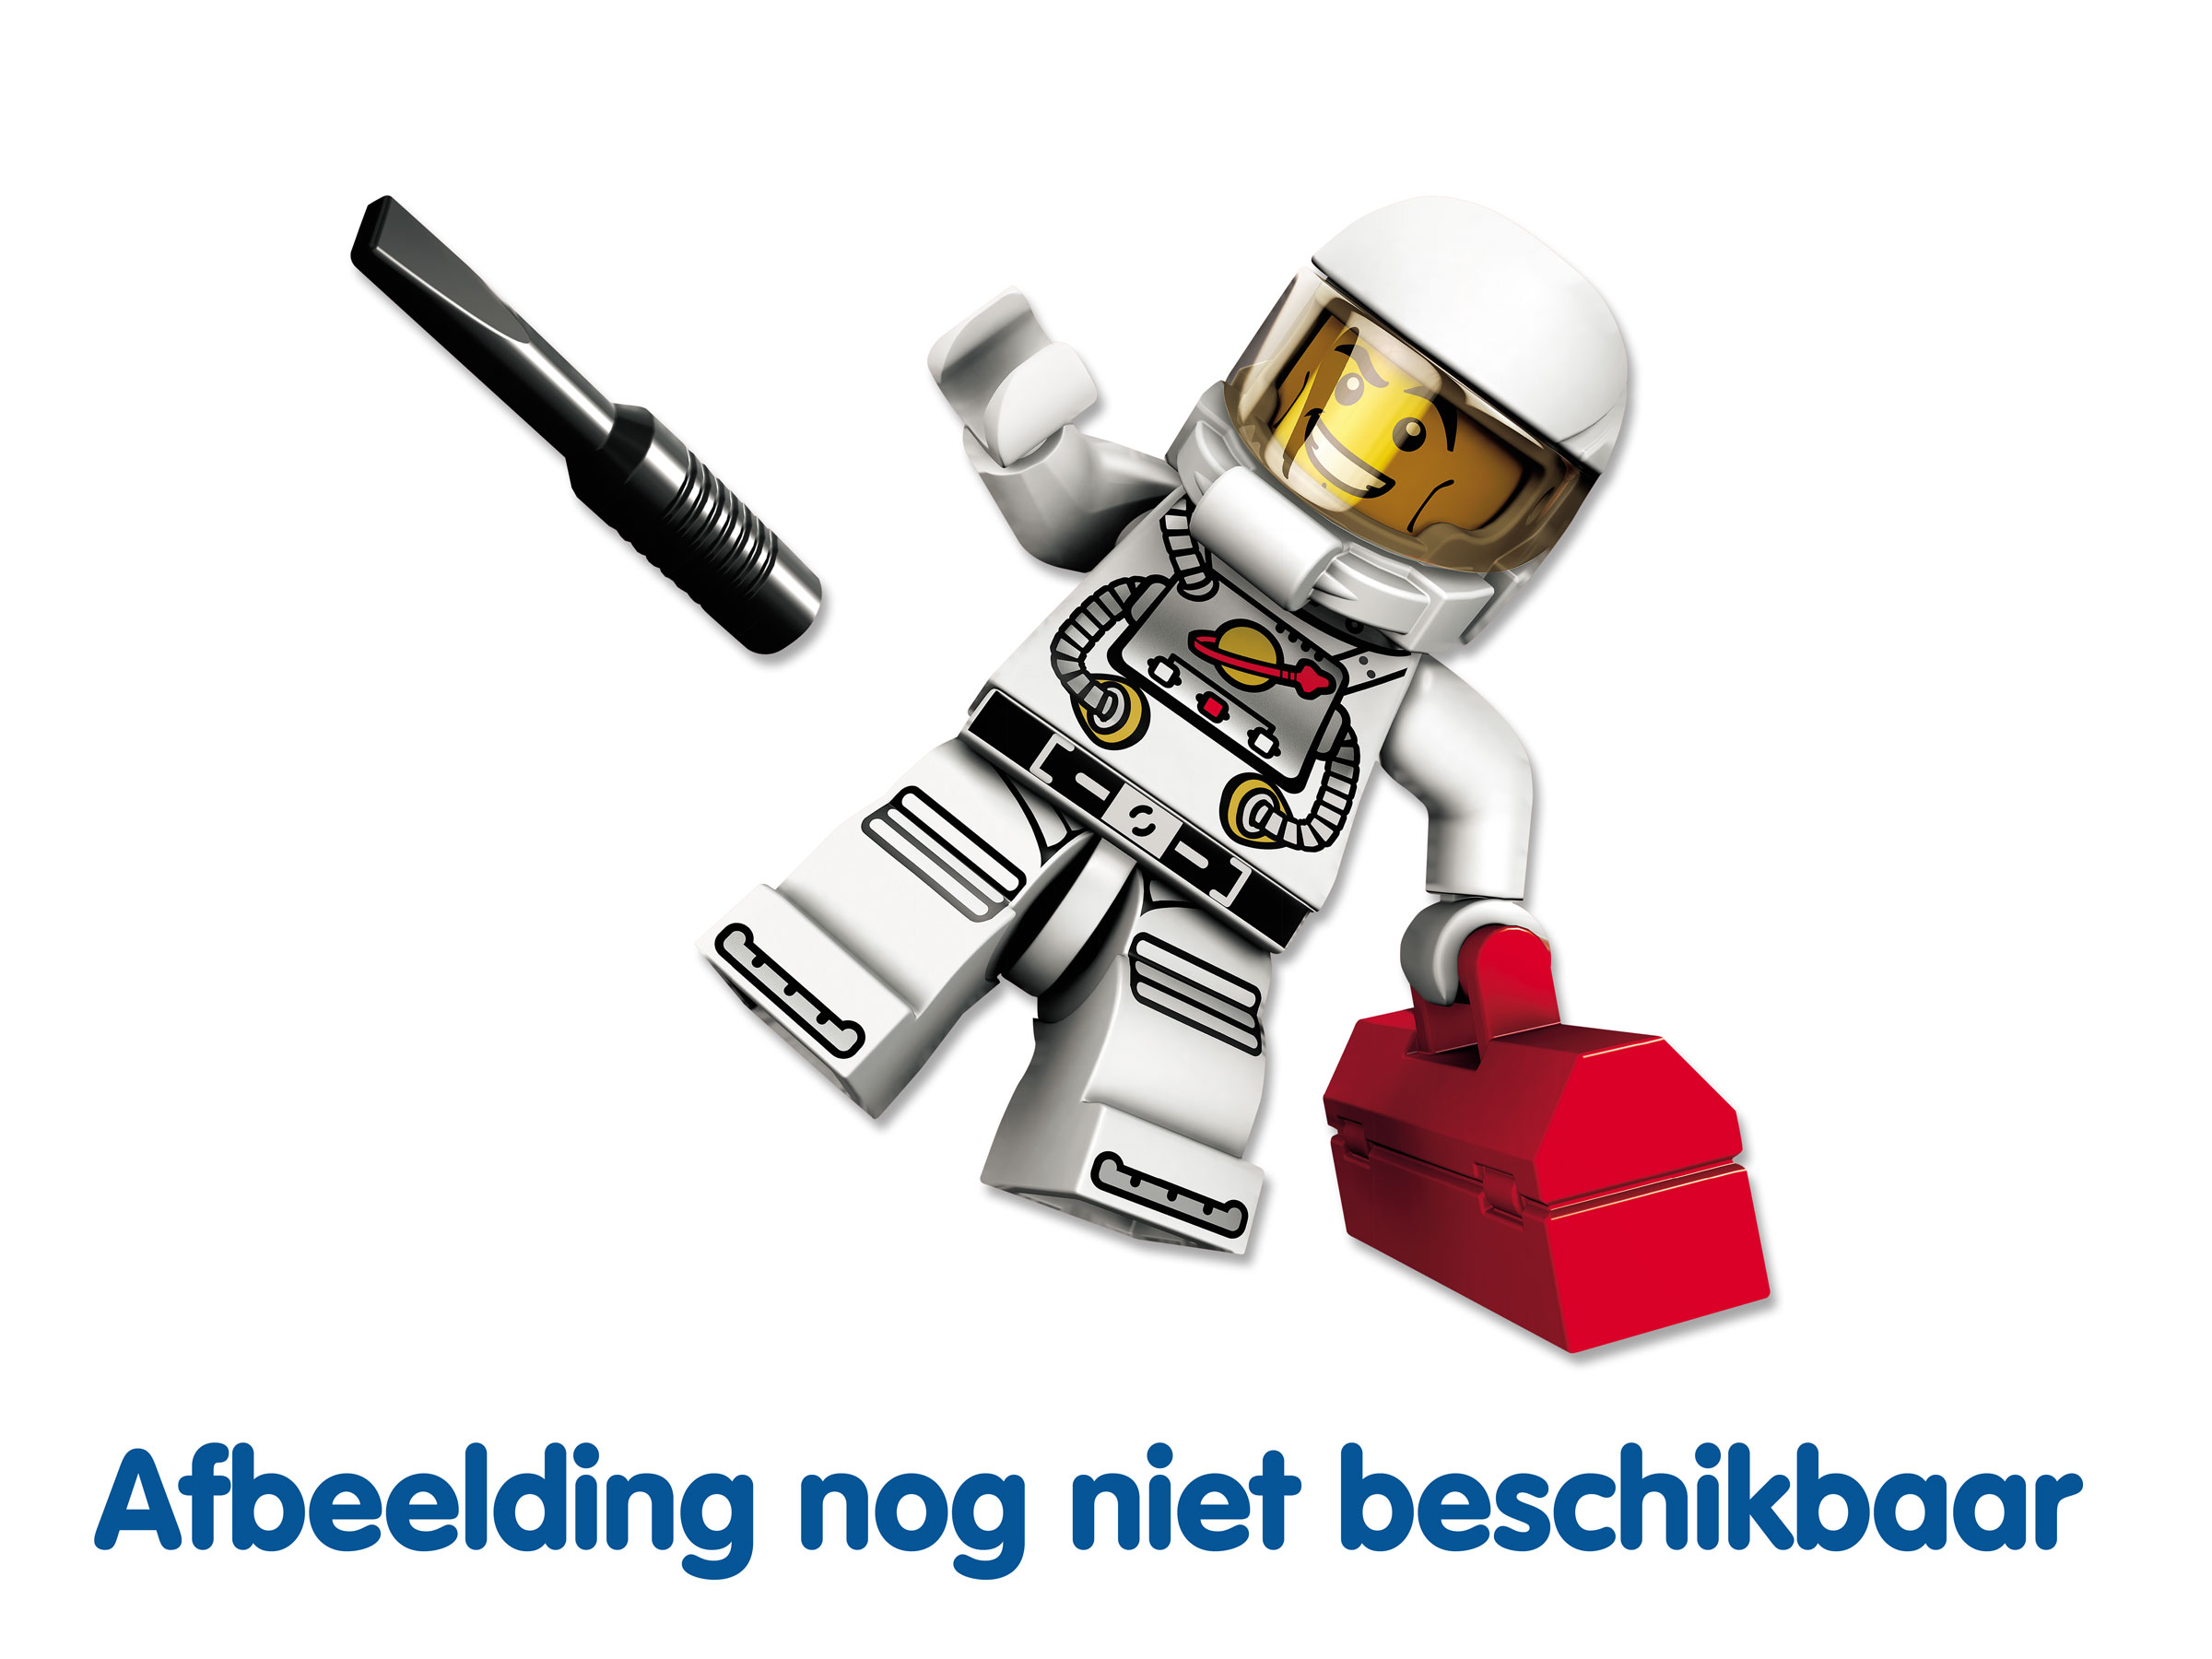 LEGO Friends 41319 Wintersport koek-en-zopiewagen prijzen vergelijken. Klik voor vergroting.